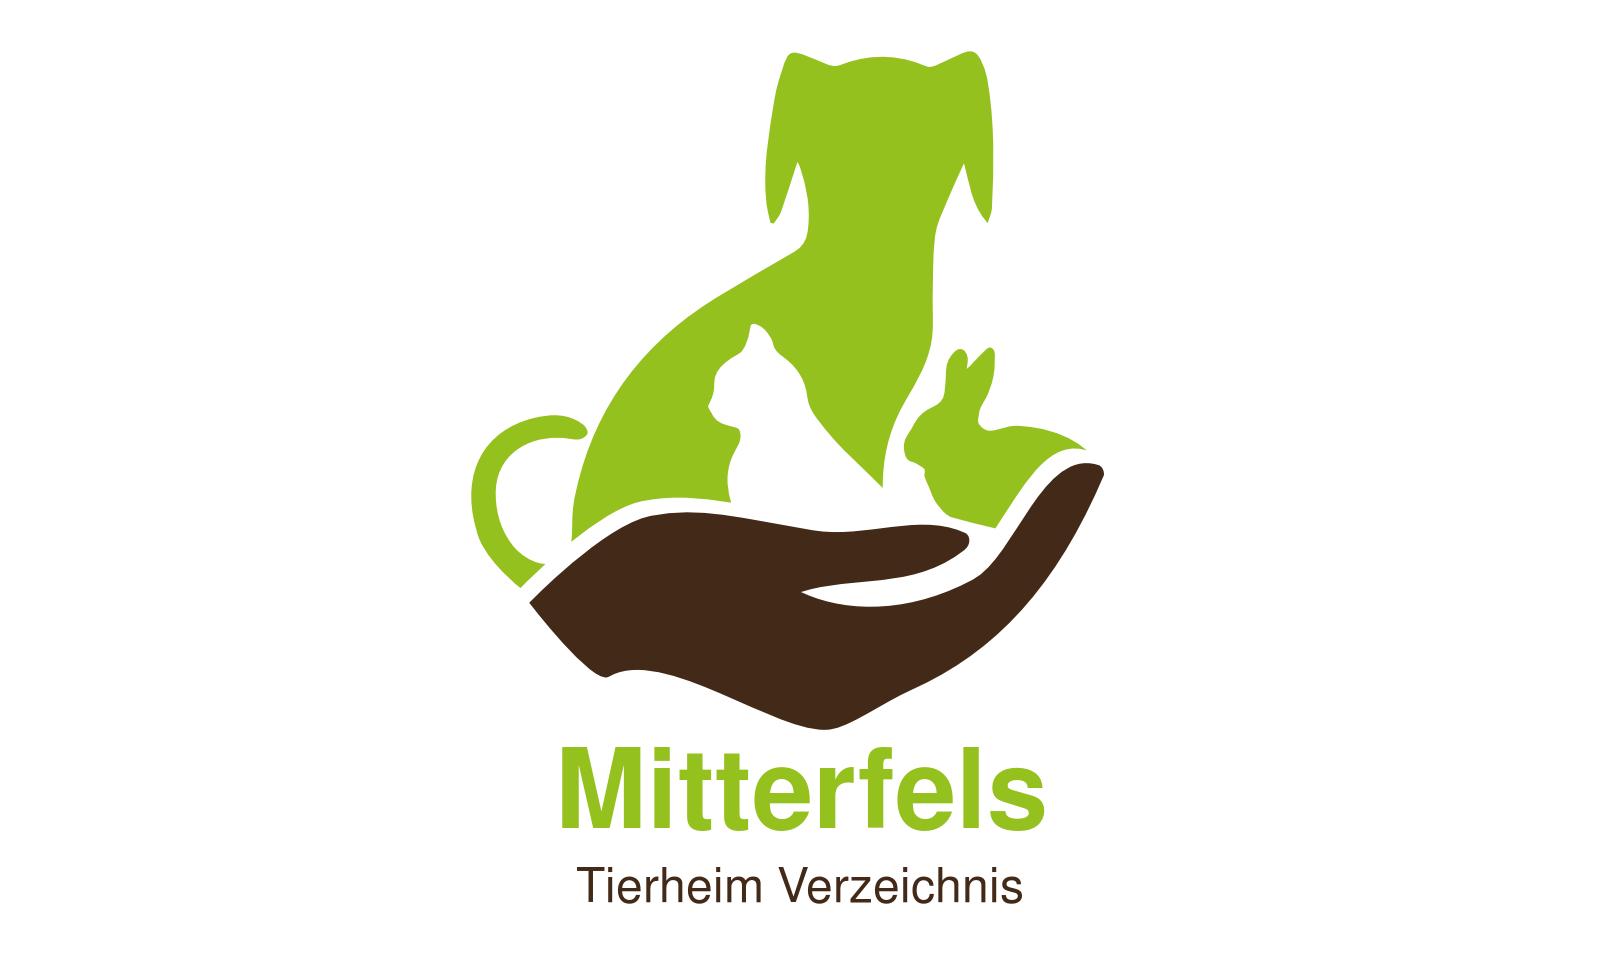 Tierheim Mitterfels